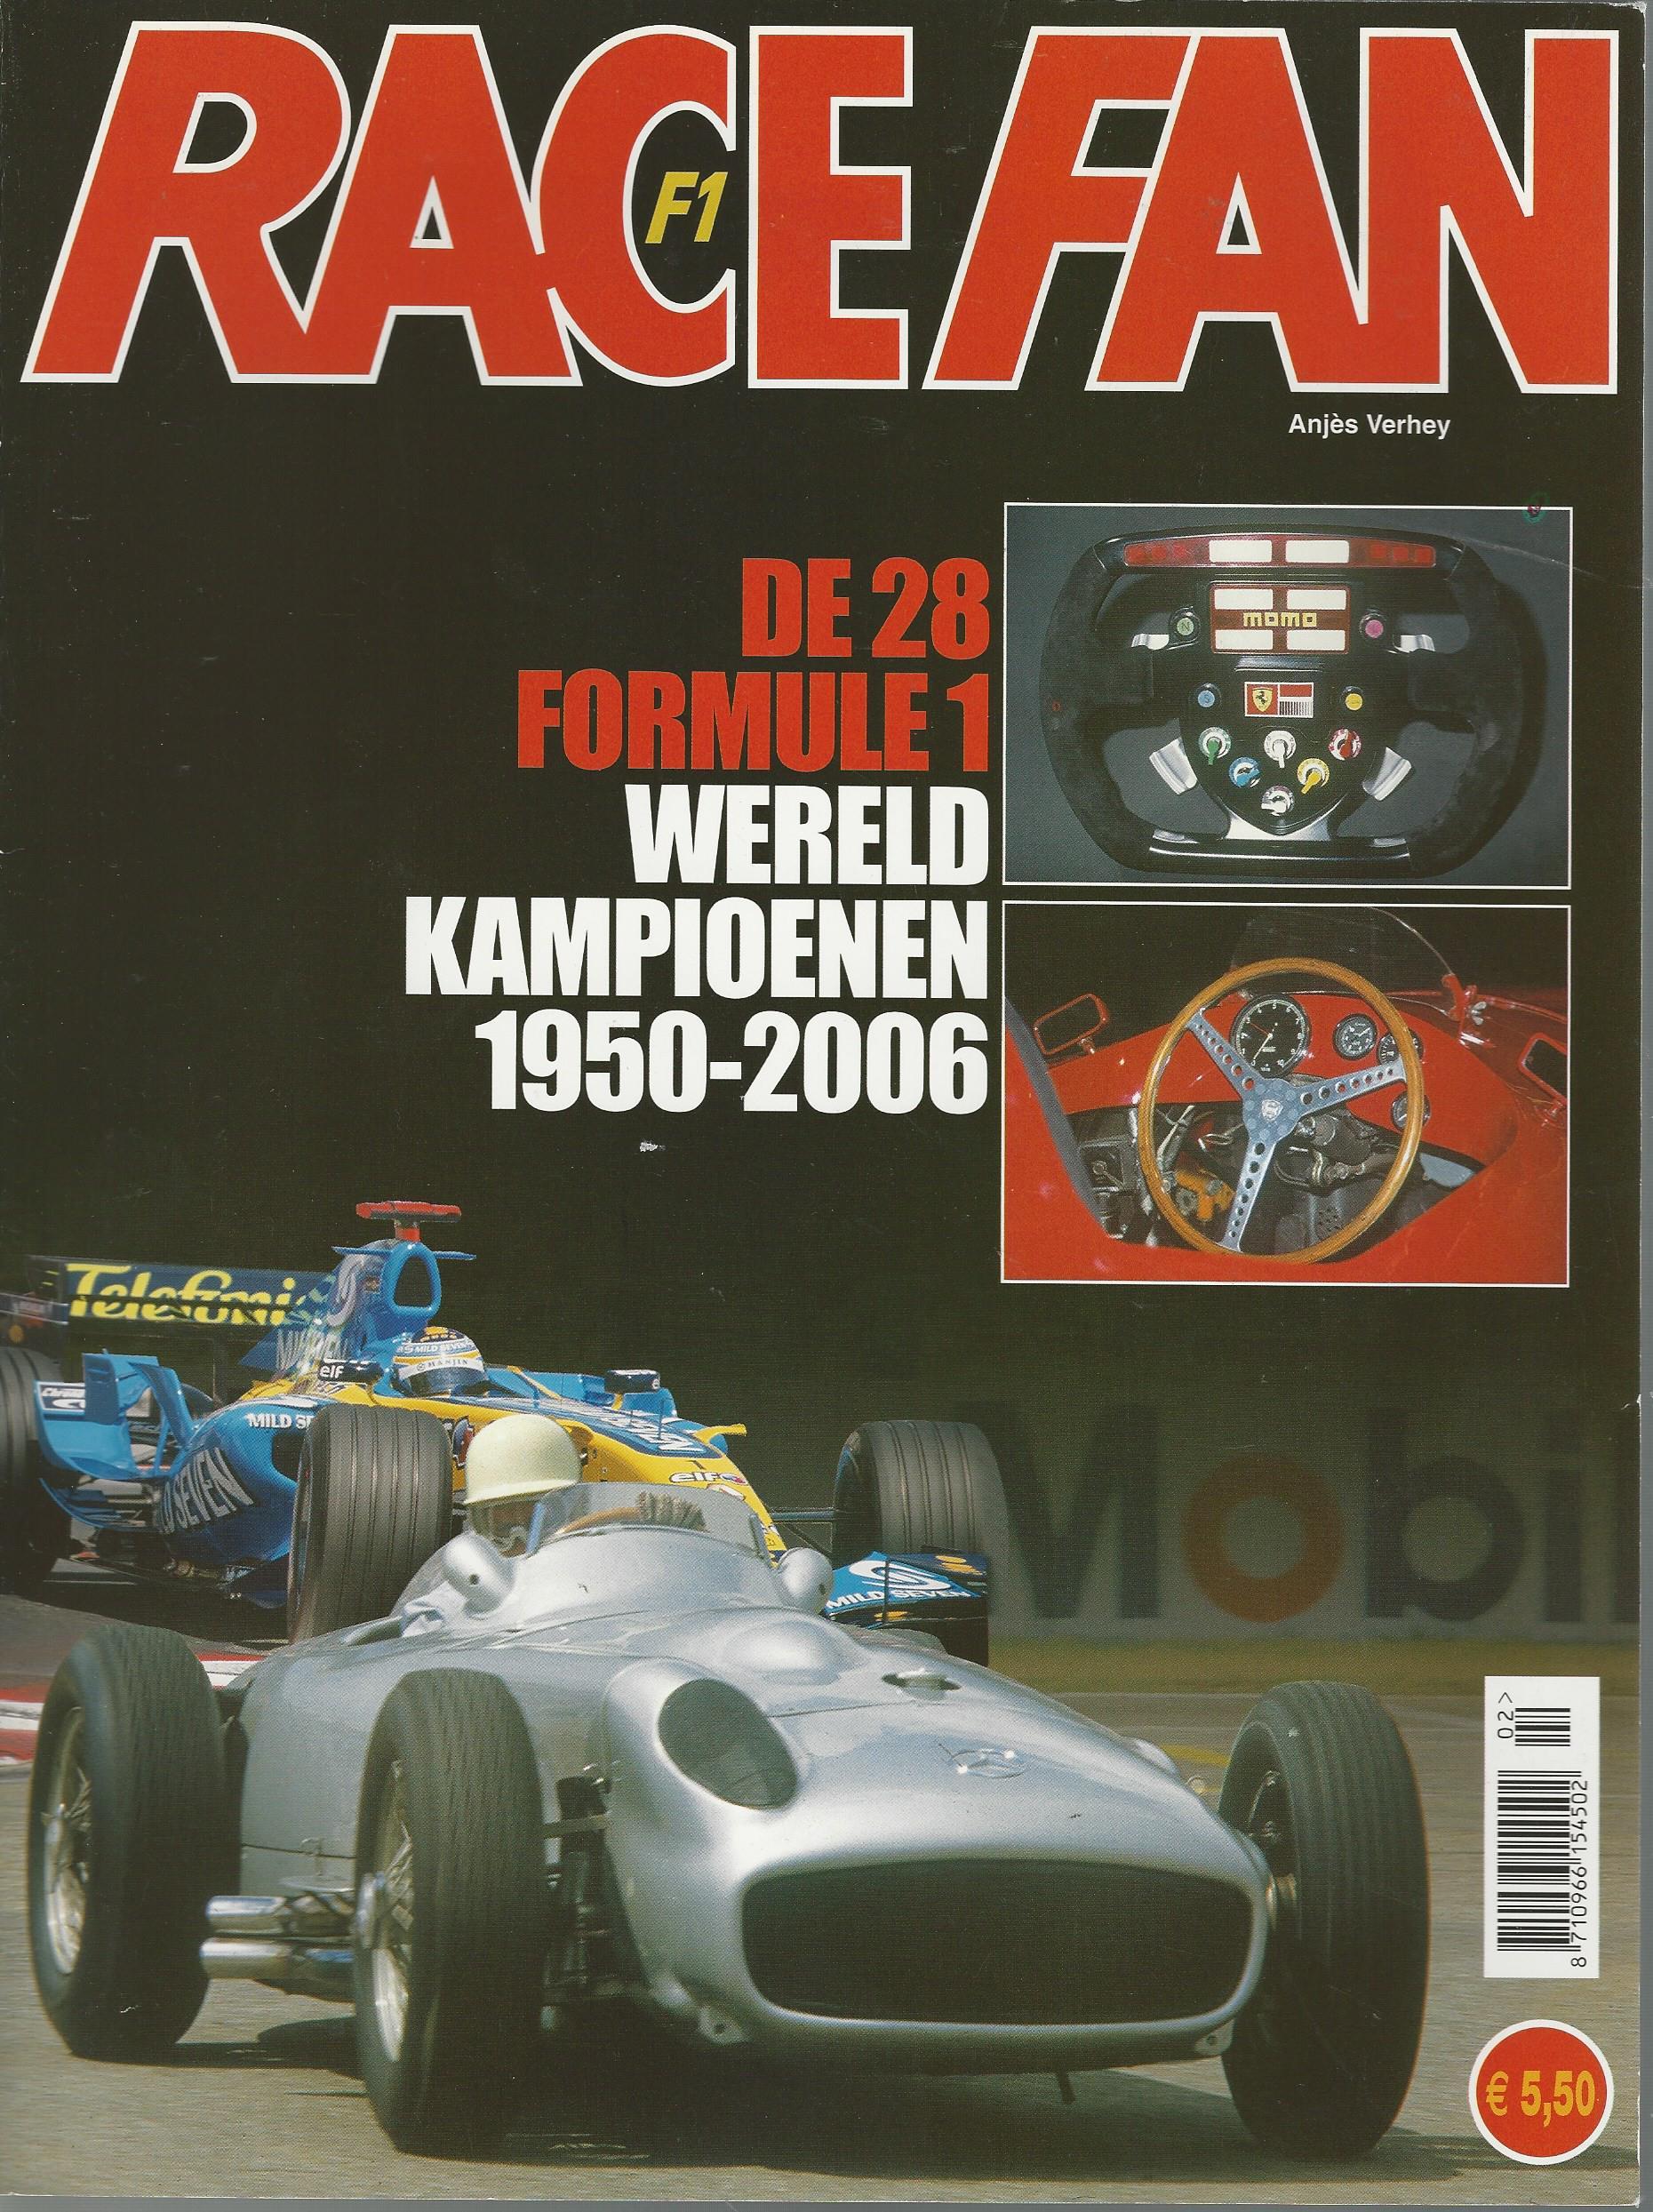 f1 race fan tijdschrift met overzicht van de carri res van 28 formule1 wereldkampioenen. Black Bedroom Furniture Sets. Home Design Ideas